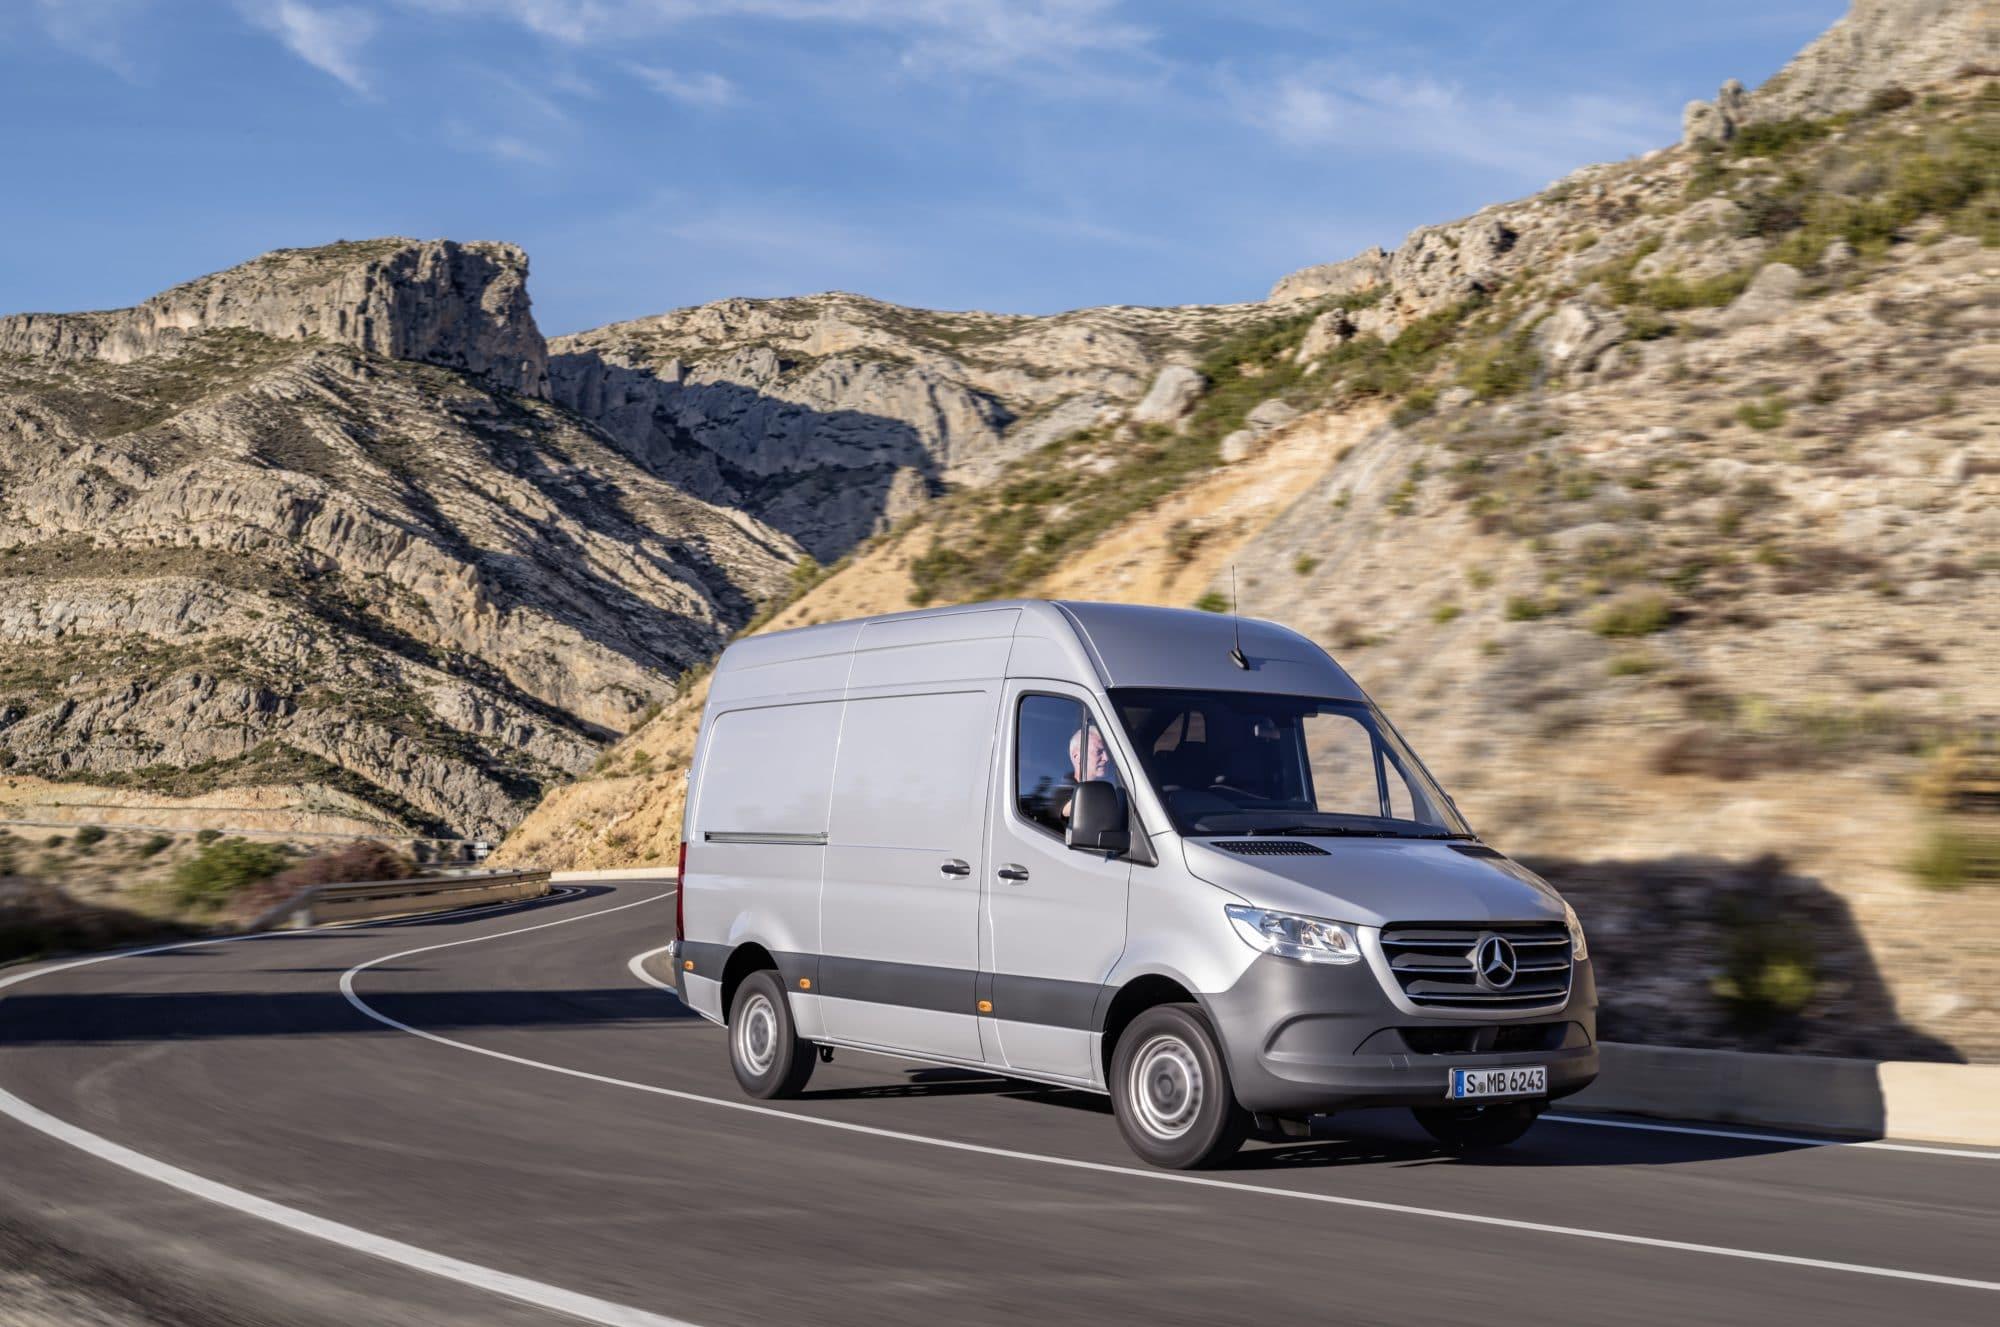 Le nouveau fourgon utilitaire de Mercedes: le Sprinter